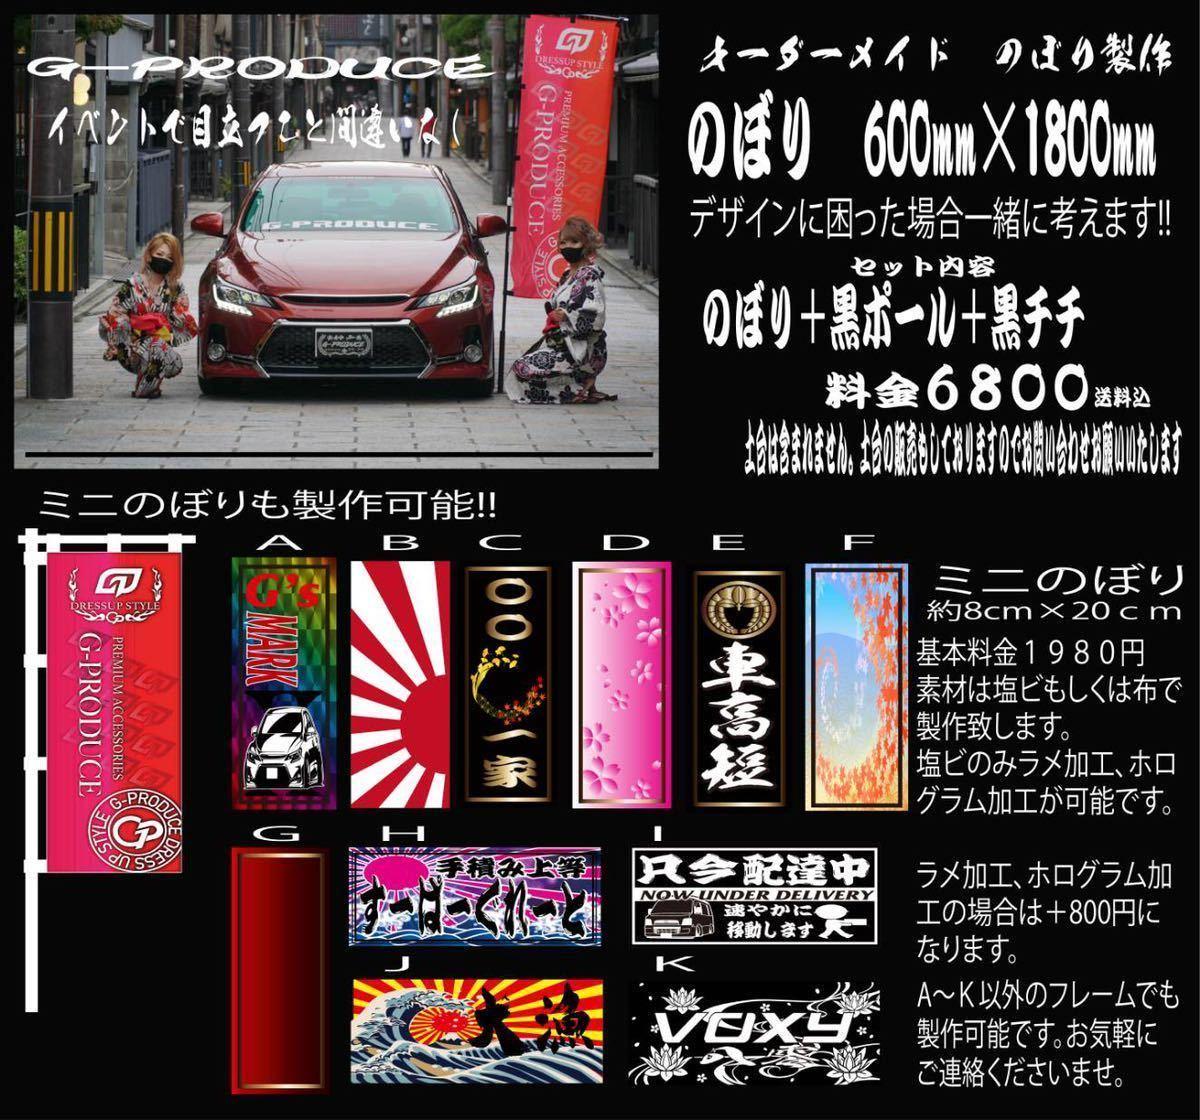 車体ステッカー /いすゞ ファイブスターギガ トレーラー 海コン /エアロ / 車高短 / 約13.5×16cm / NCX ホワイト GP_画像8